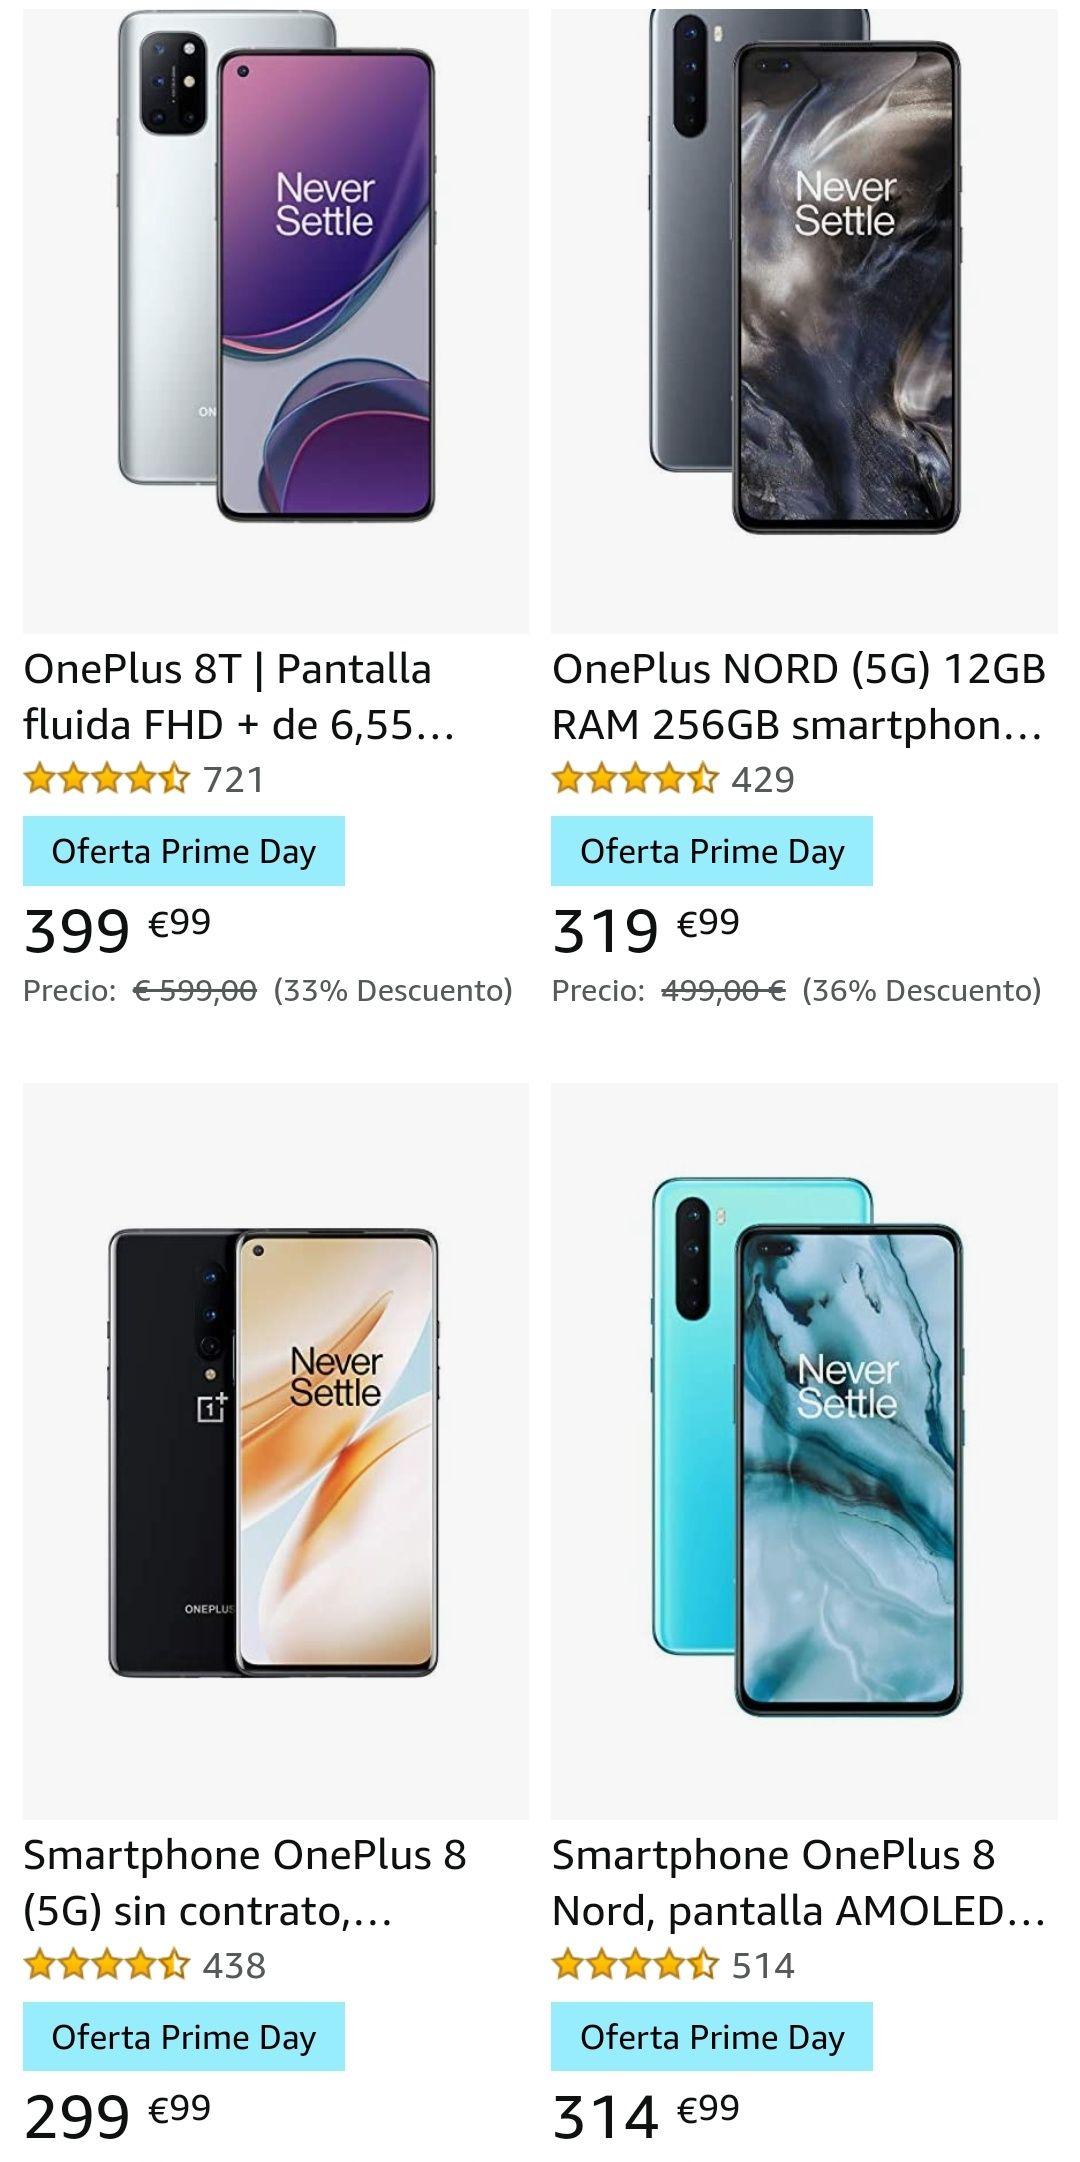 Oneplus 8 por 299€ ( recopilación de gama 8 de oneplus)